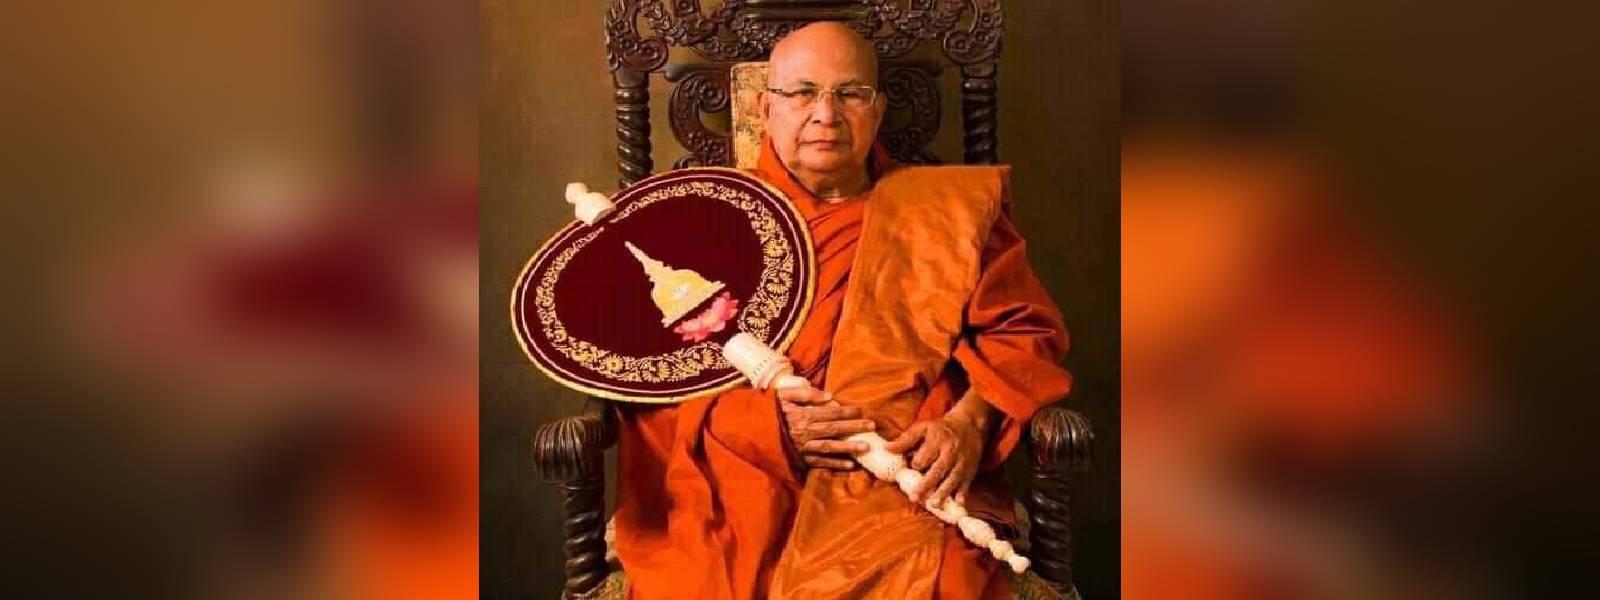 Final rites of Most. Ven. Aggamaha Panditha Kotugoda Dhammawasa Thero tomorrow (25)